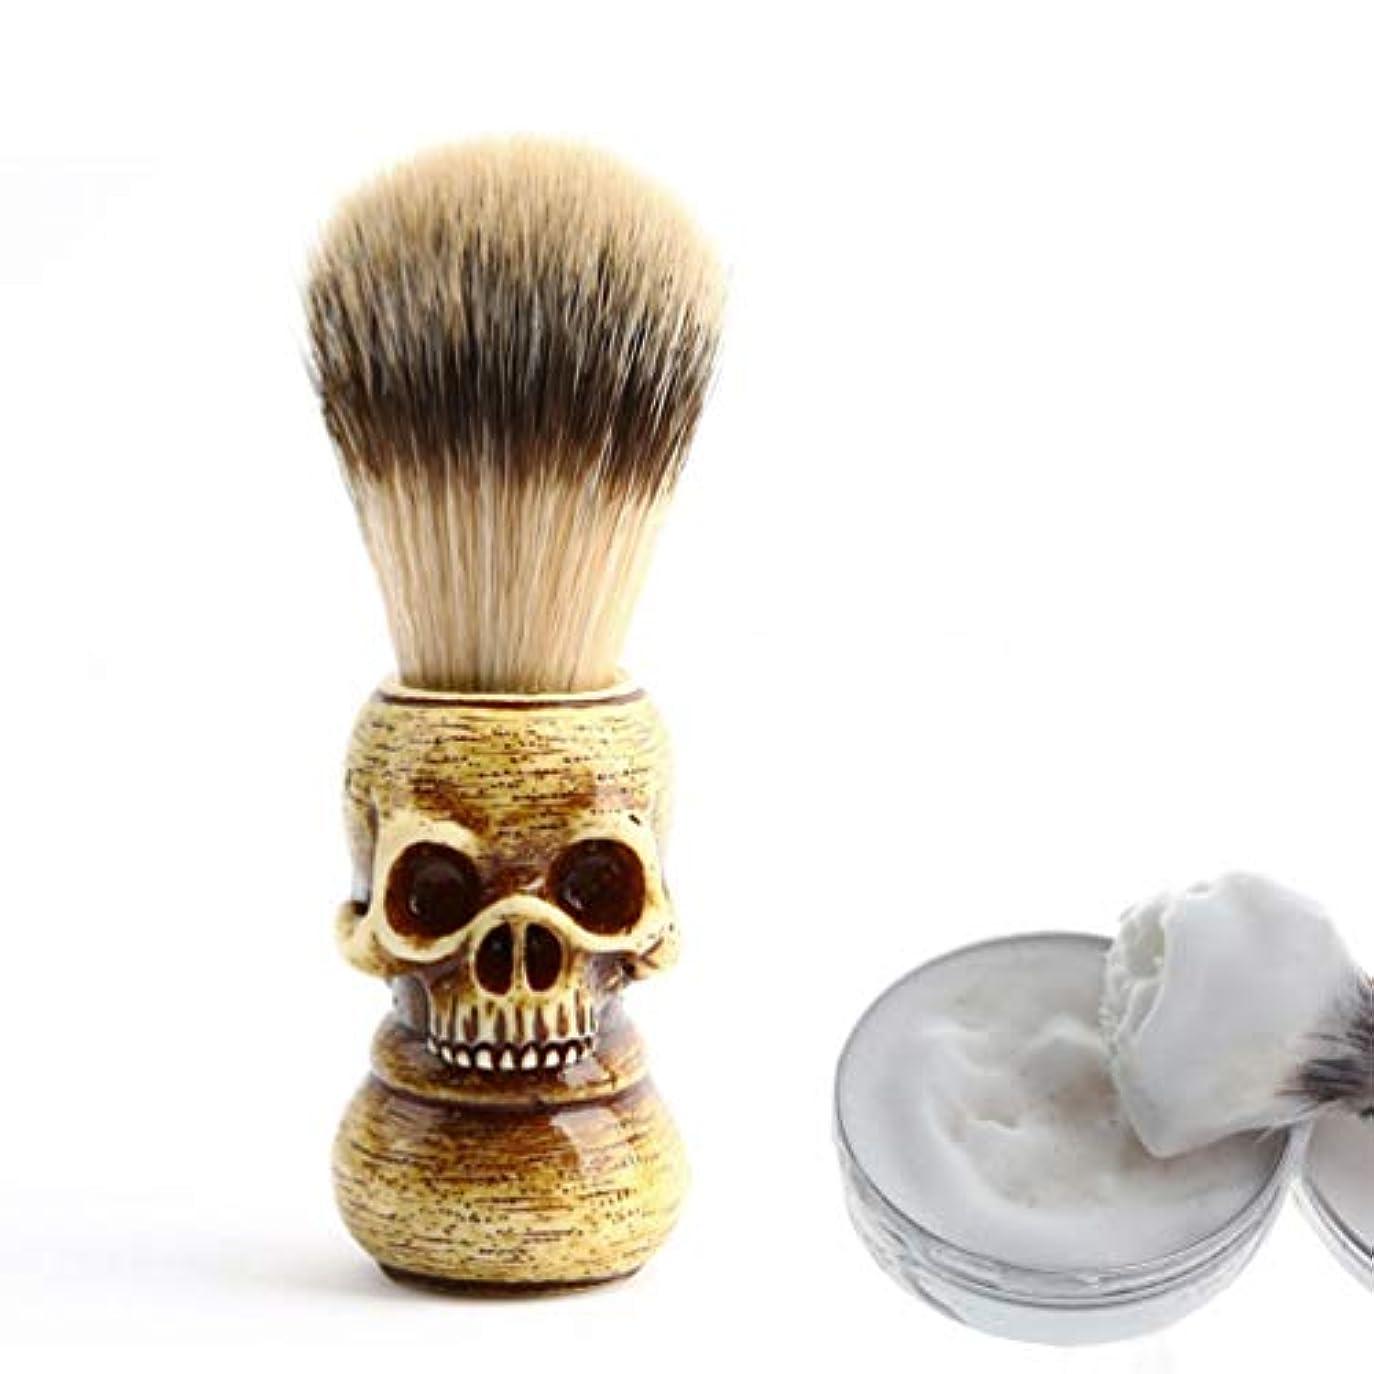 軍輸送万一に備えてVosarea 1ピーススカルヘッドひげブラシポータブルメンズ軽量アナグマヘアブラシ口ひげ毛剃りブラシグルーミングツール